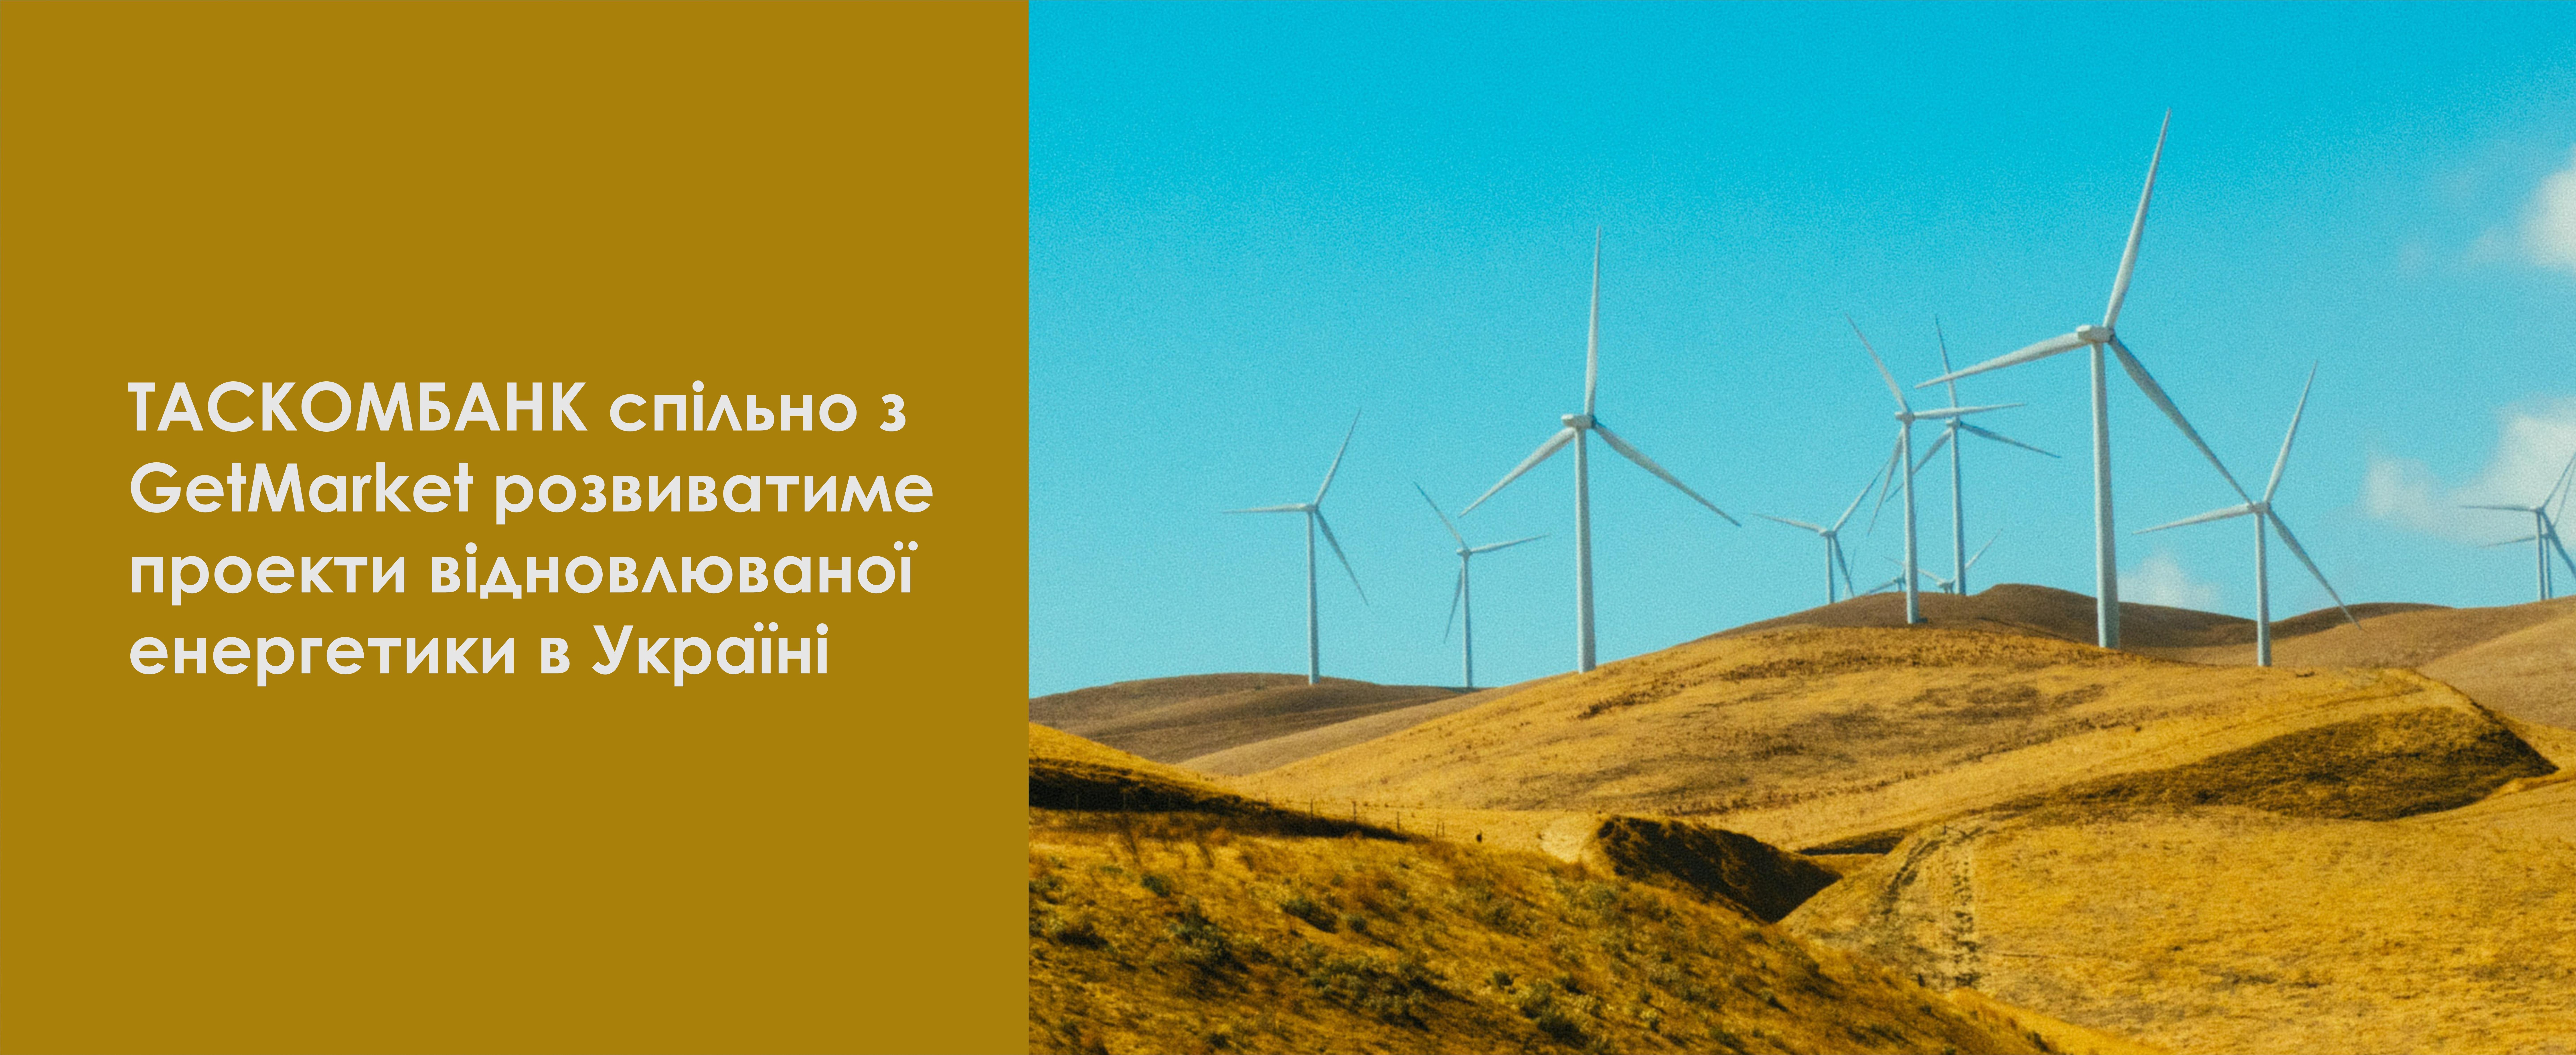 ТАСКОМБАНК спільно з GetMarket розвиватиме проекти відновлюваної енергетики в Україні